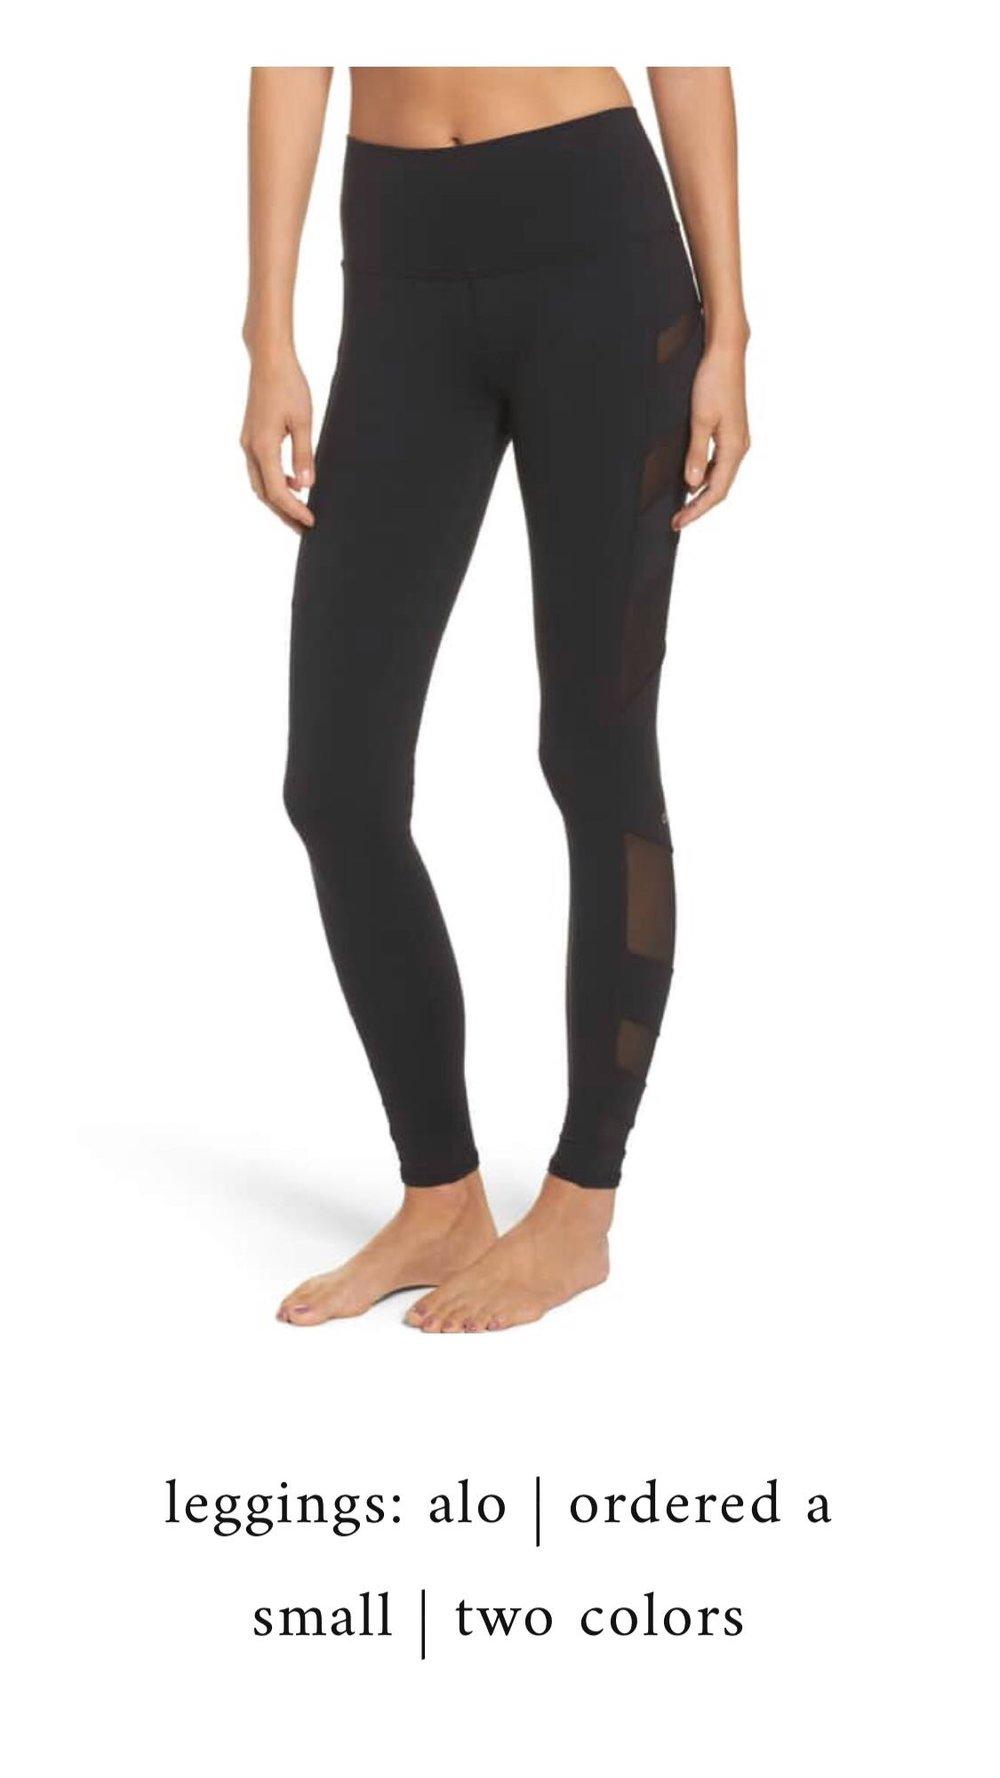 Nordstrom Anniversary Sale 2018: What I Purchased | Pine Barren Beauty | alo yoga leggings, mesh insert leggings